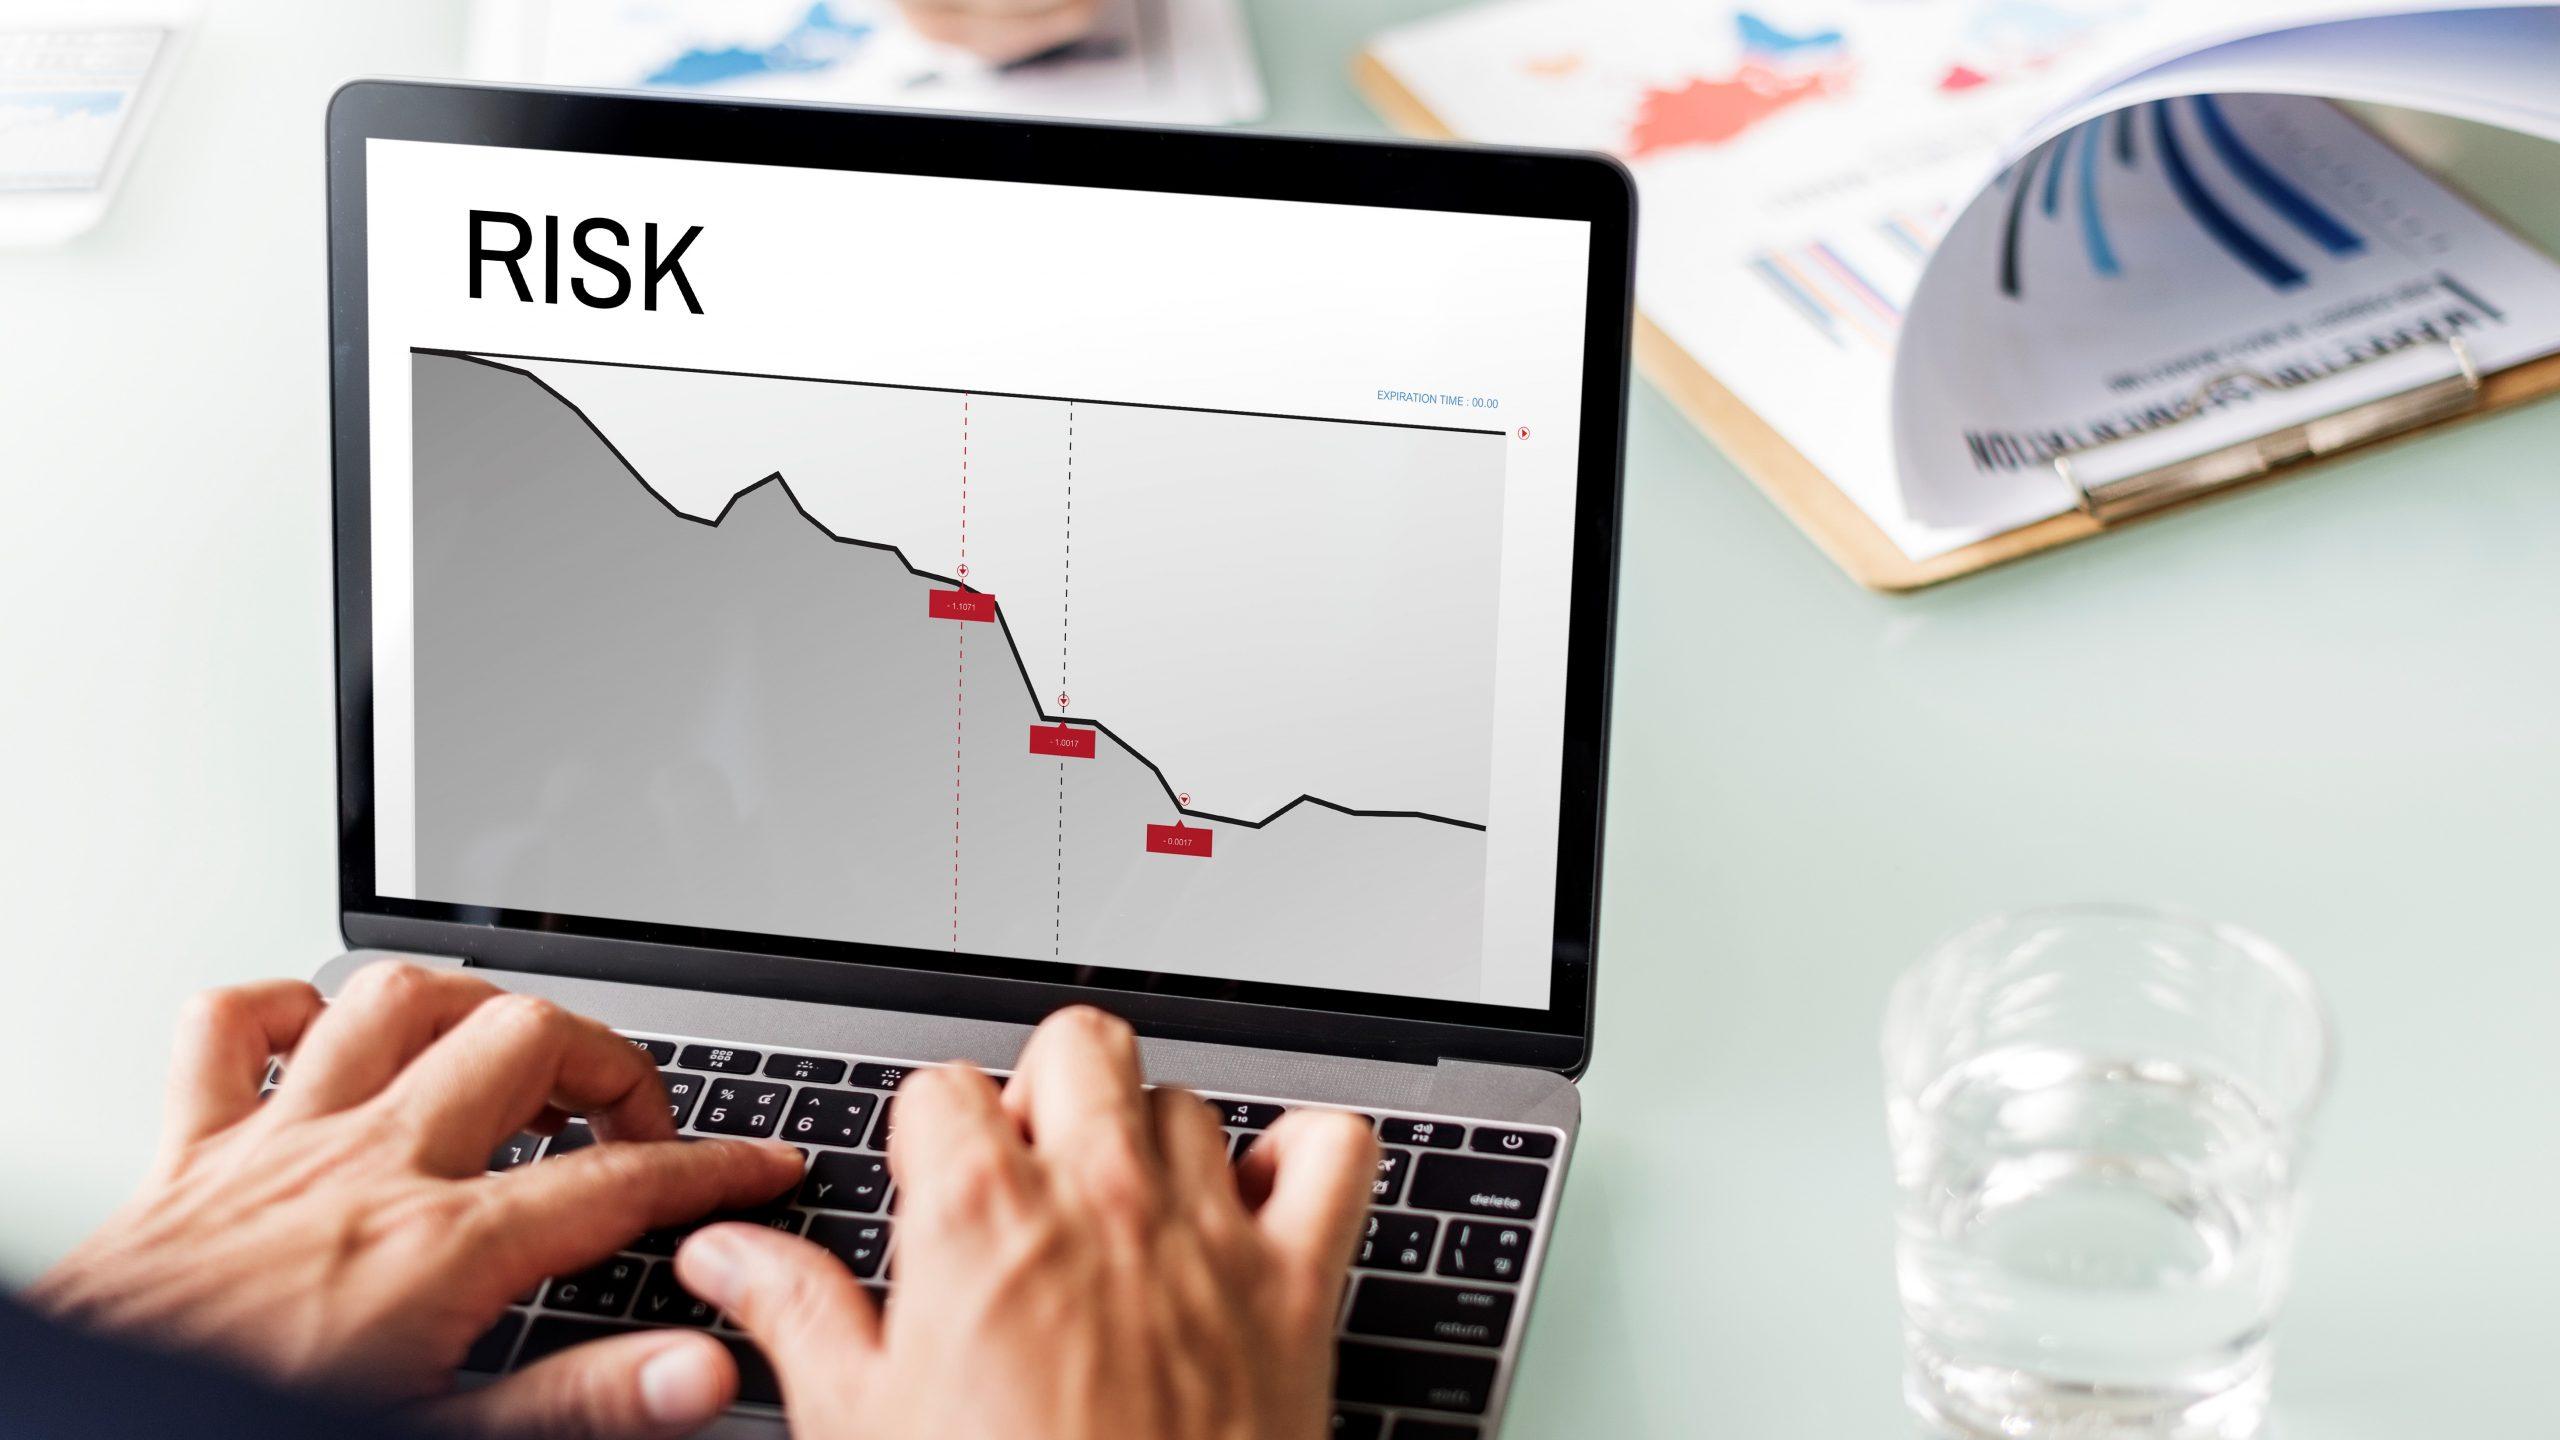 Quản trị rủi ro được thực hiện bởi ban giám đốc, quản lý và nhân viên của doanh nghiệp